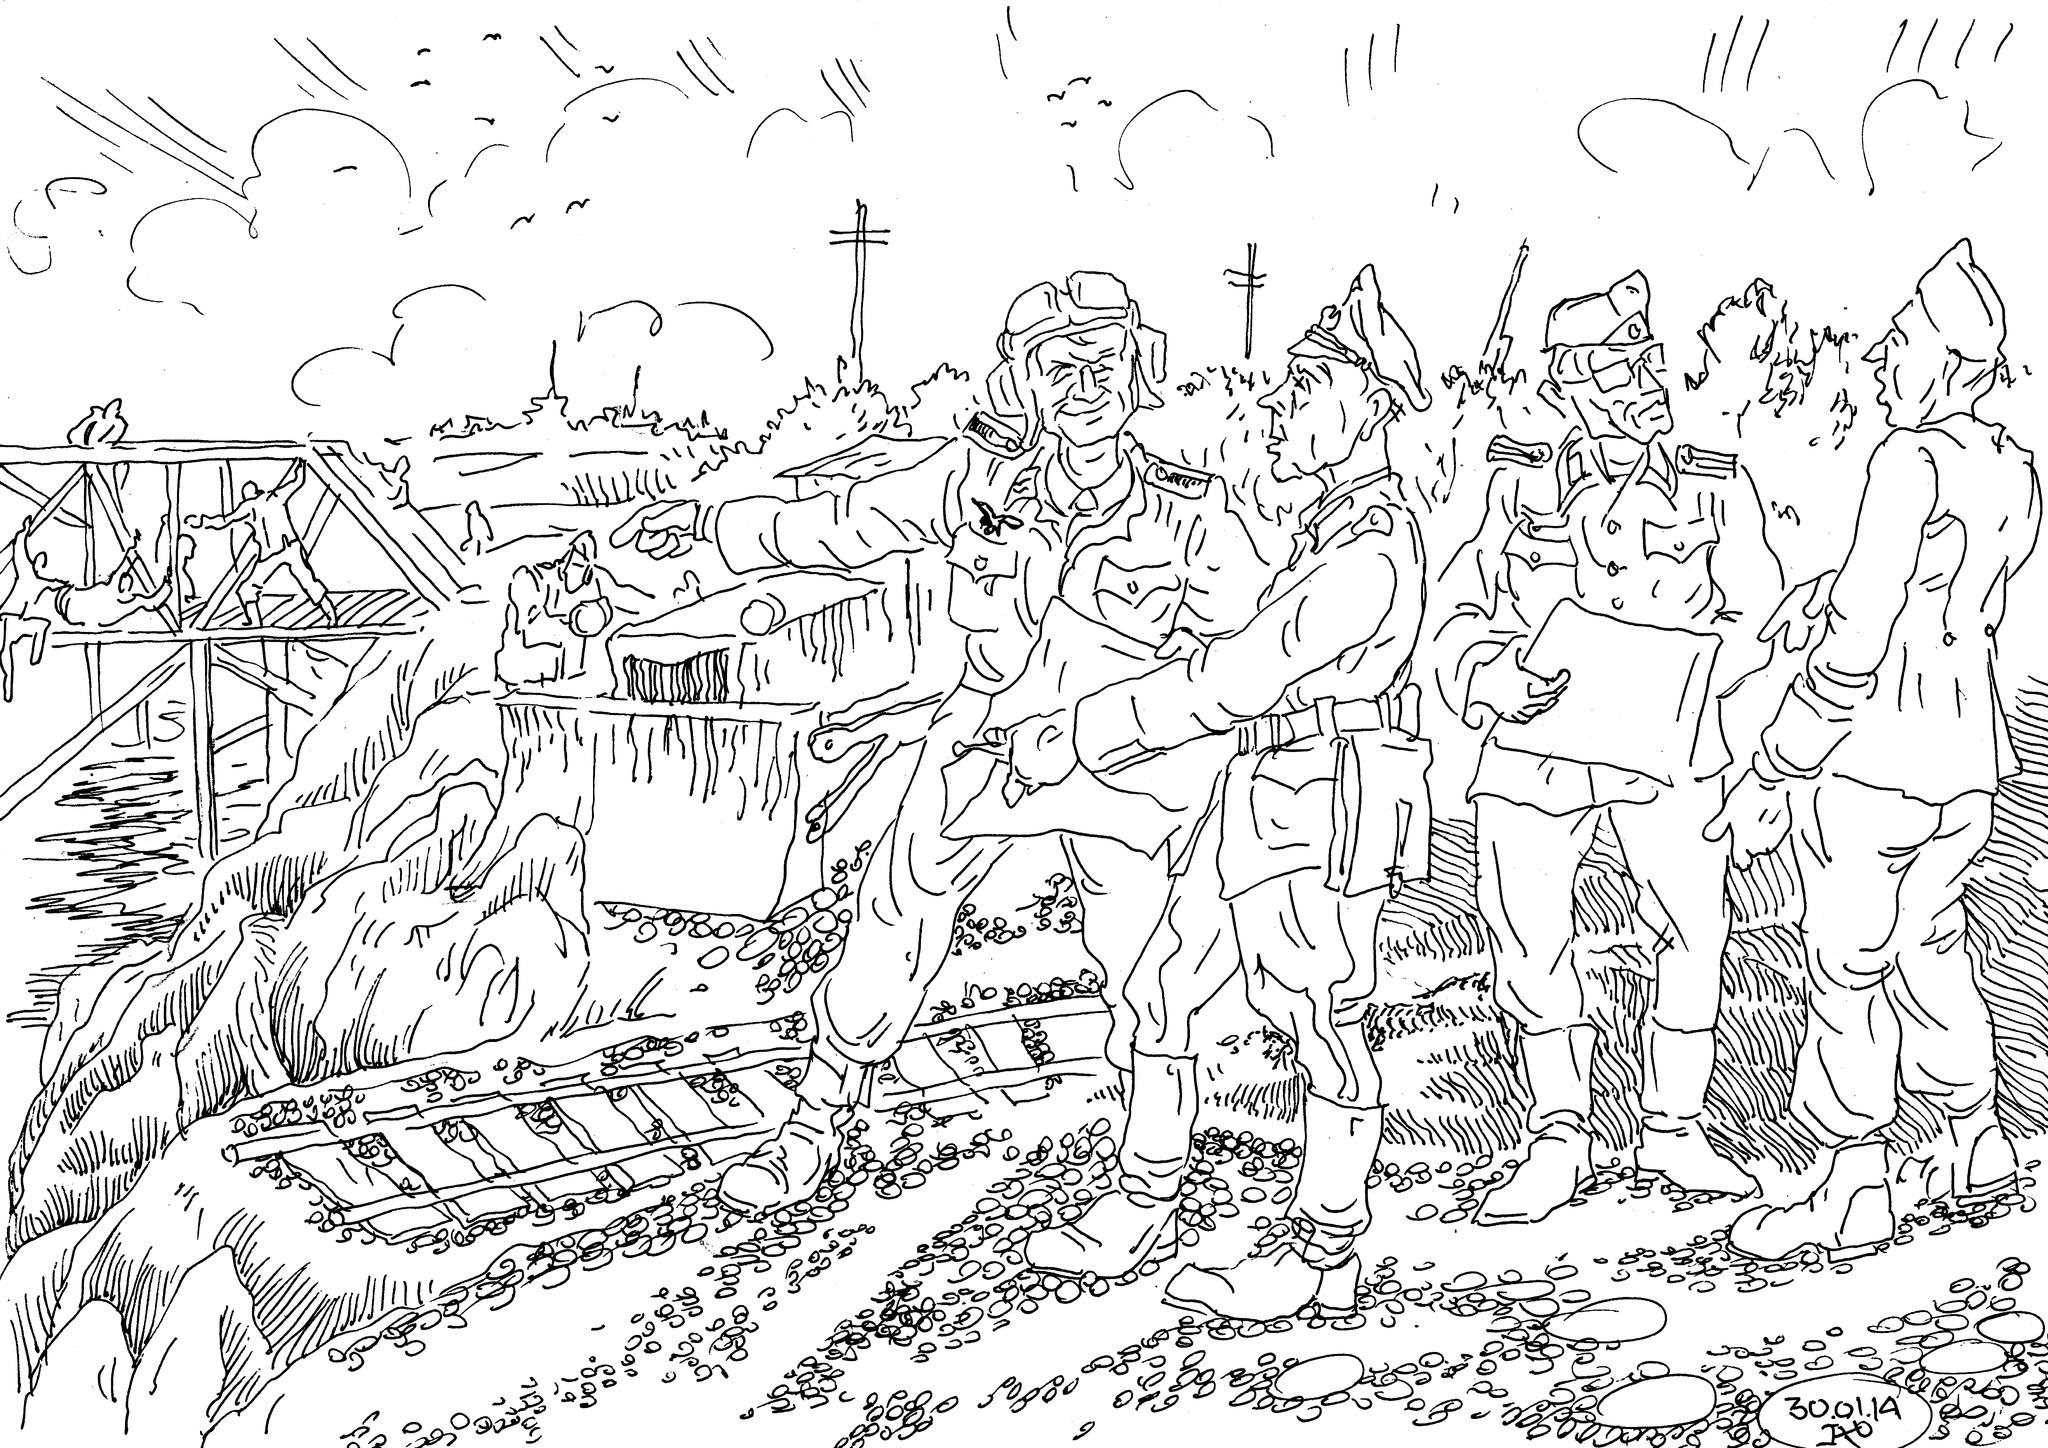 Инженерные войска Вермахта проводят  работы по маскировке стратегических объектов